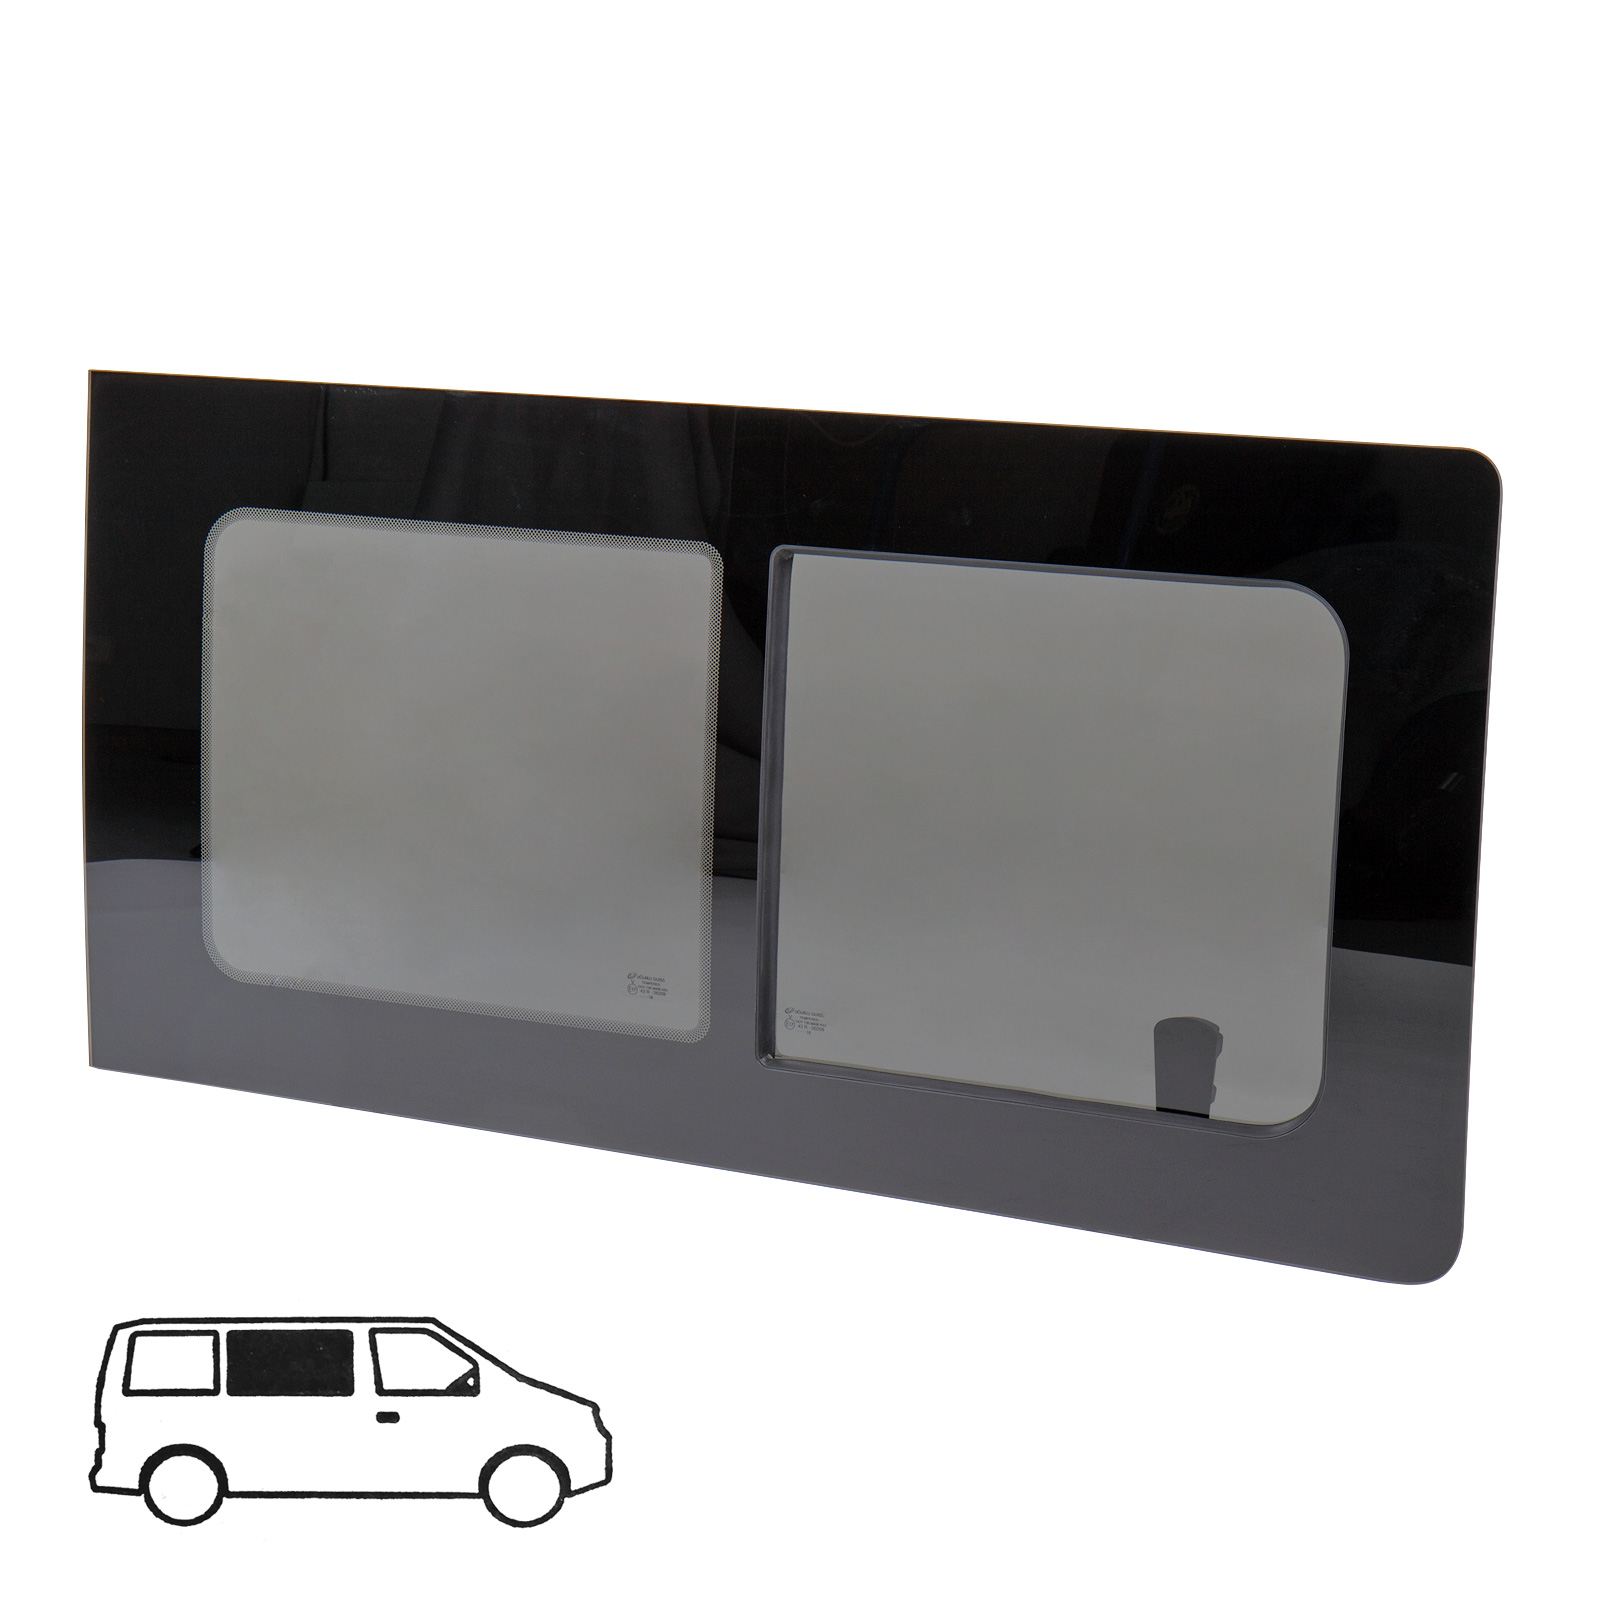 Schiebefenster-Seitenfenster-getoent-rechts-fuer-VW-T5-T6-Echtglas-113x58-cm